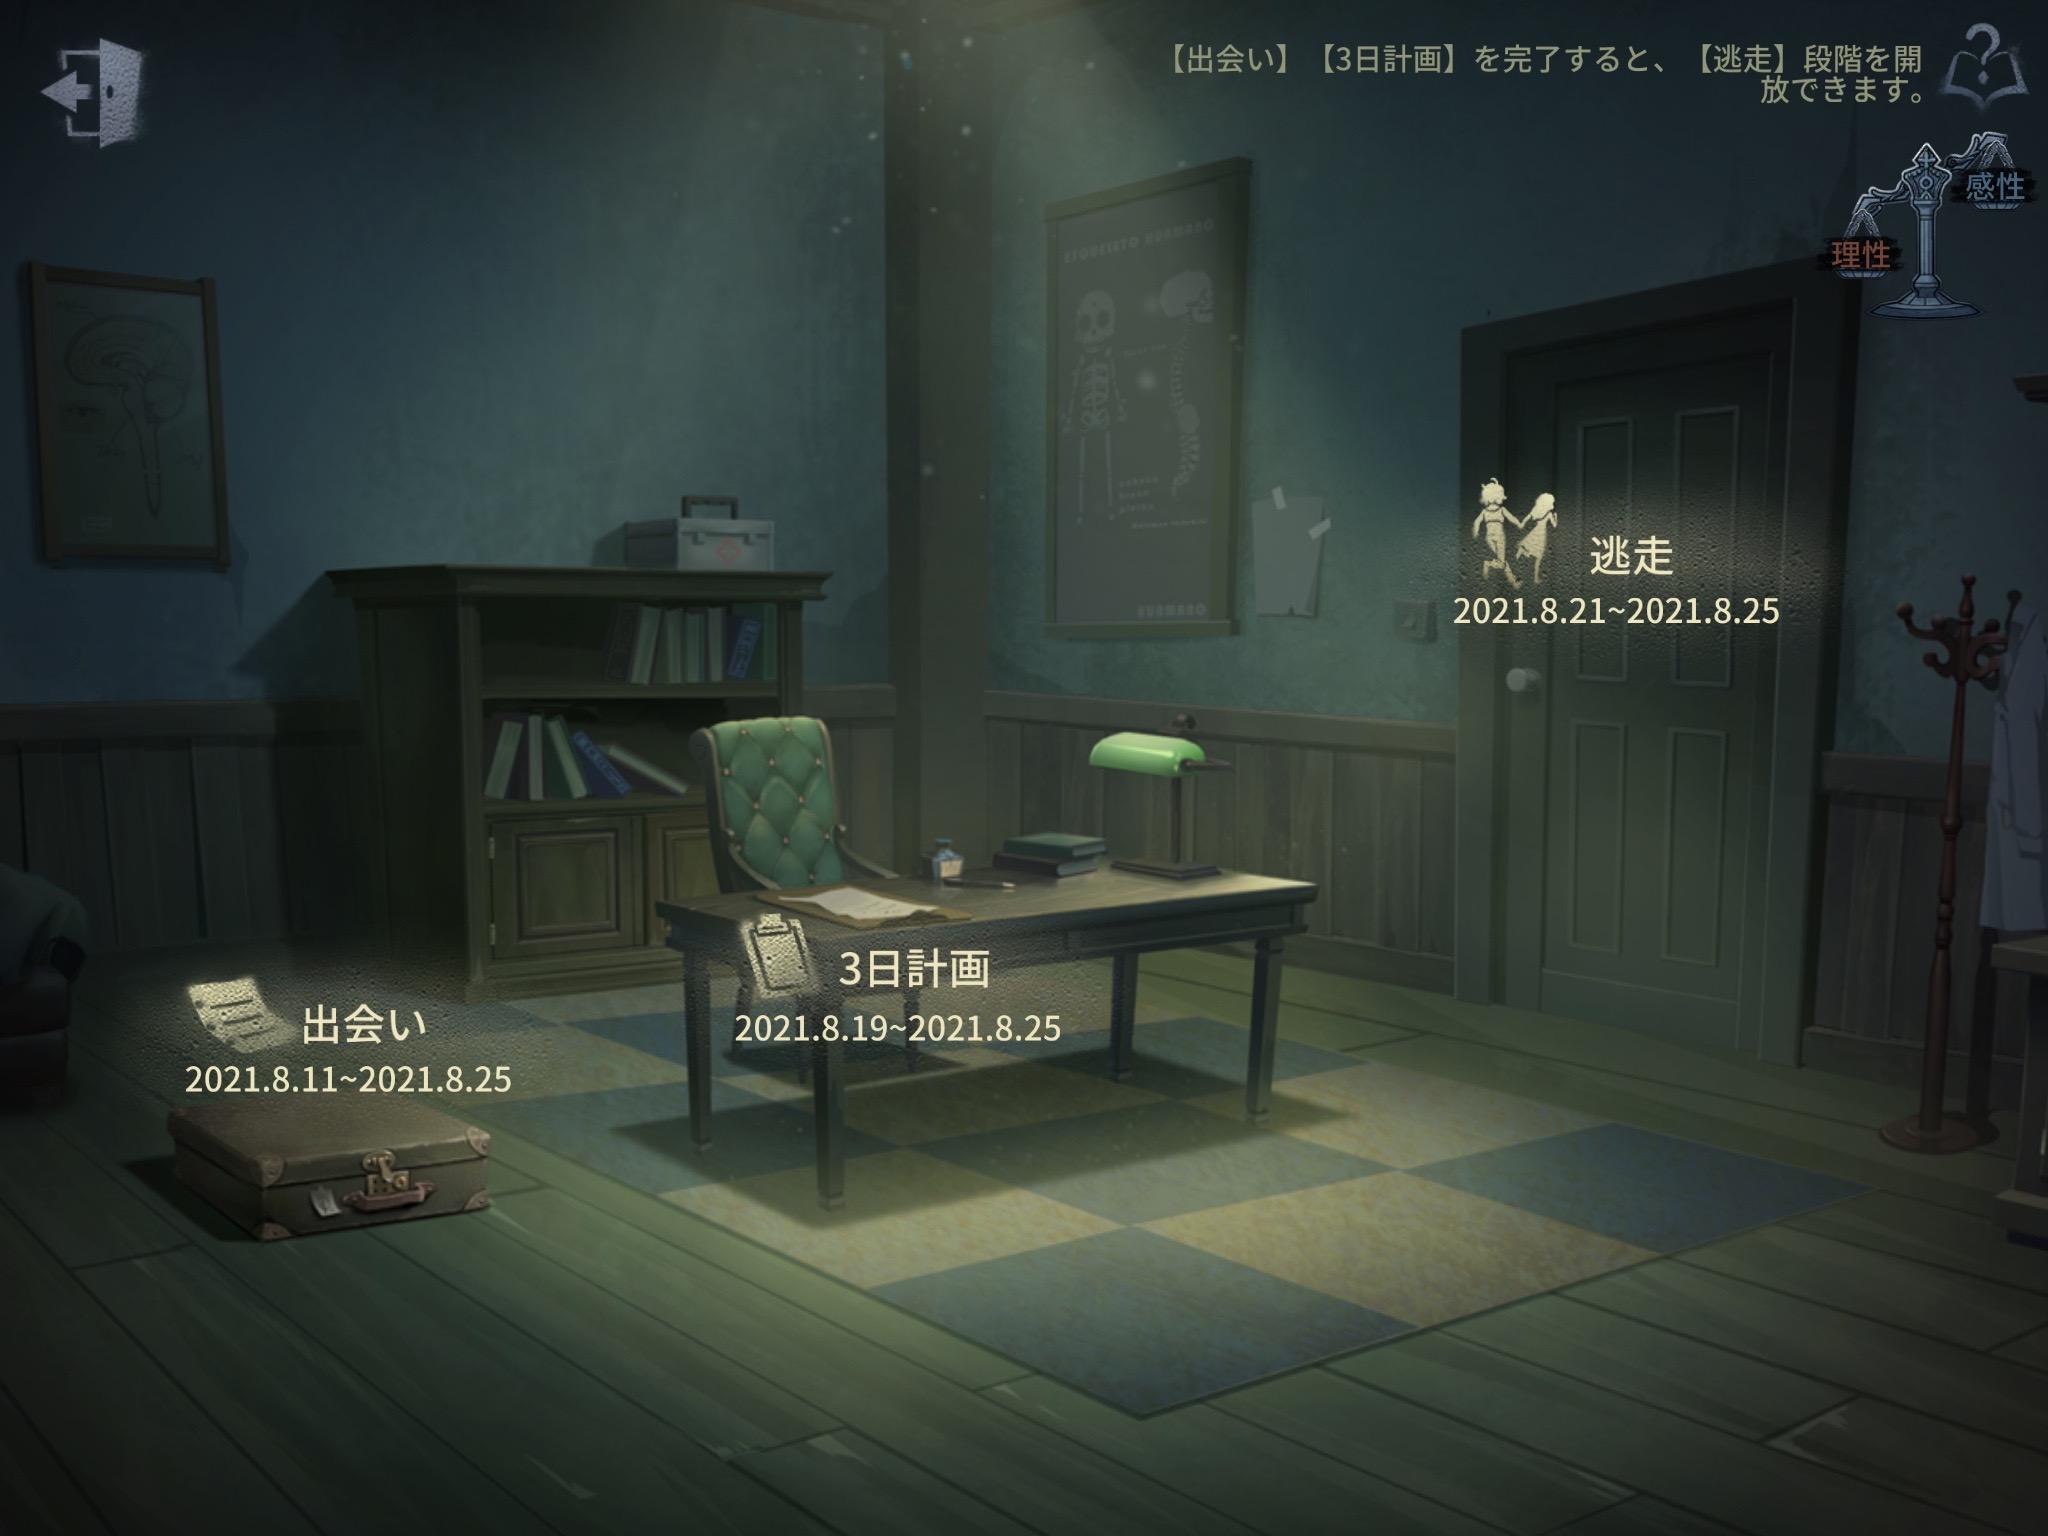 エダの部屋.jpg